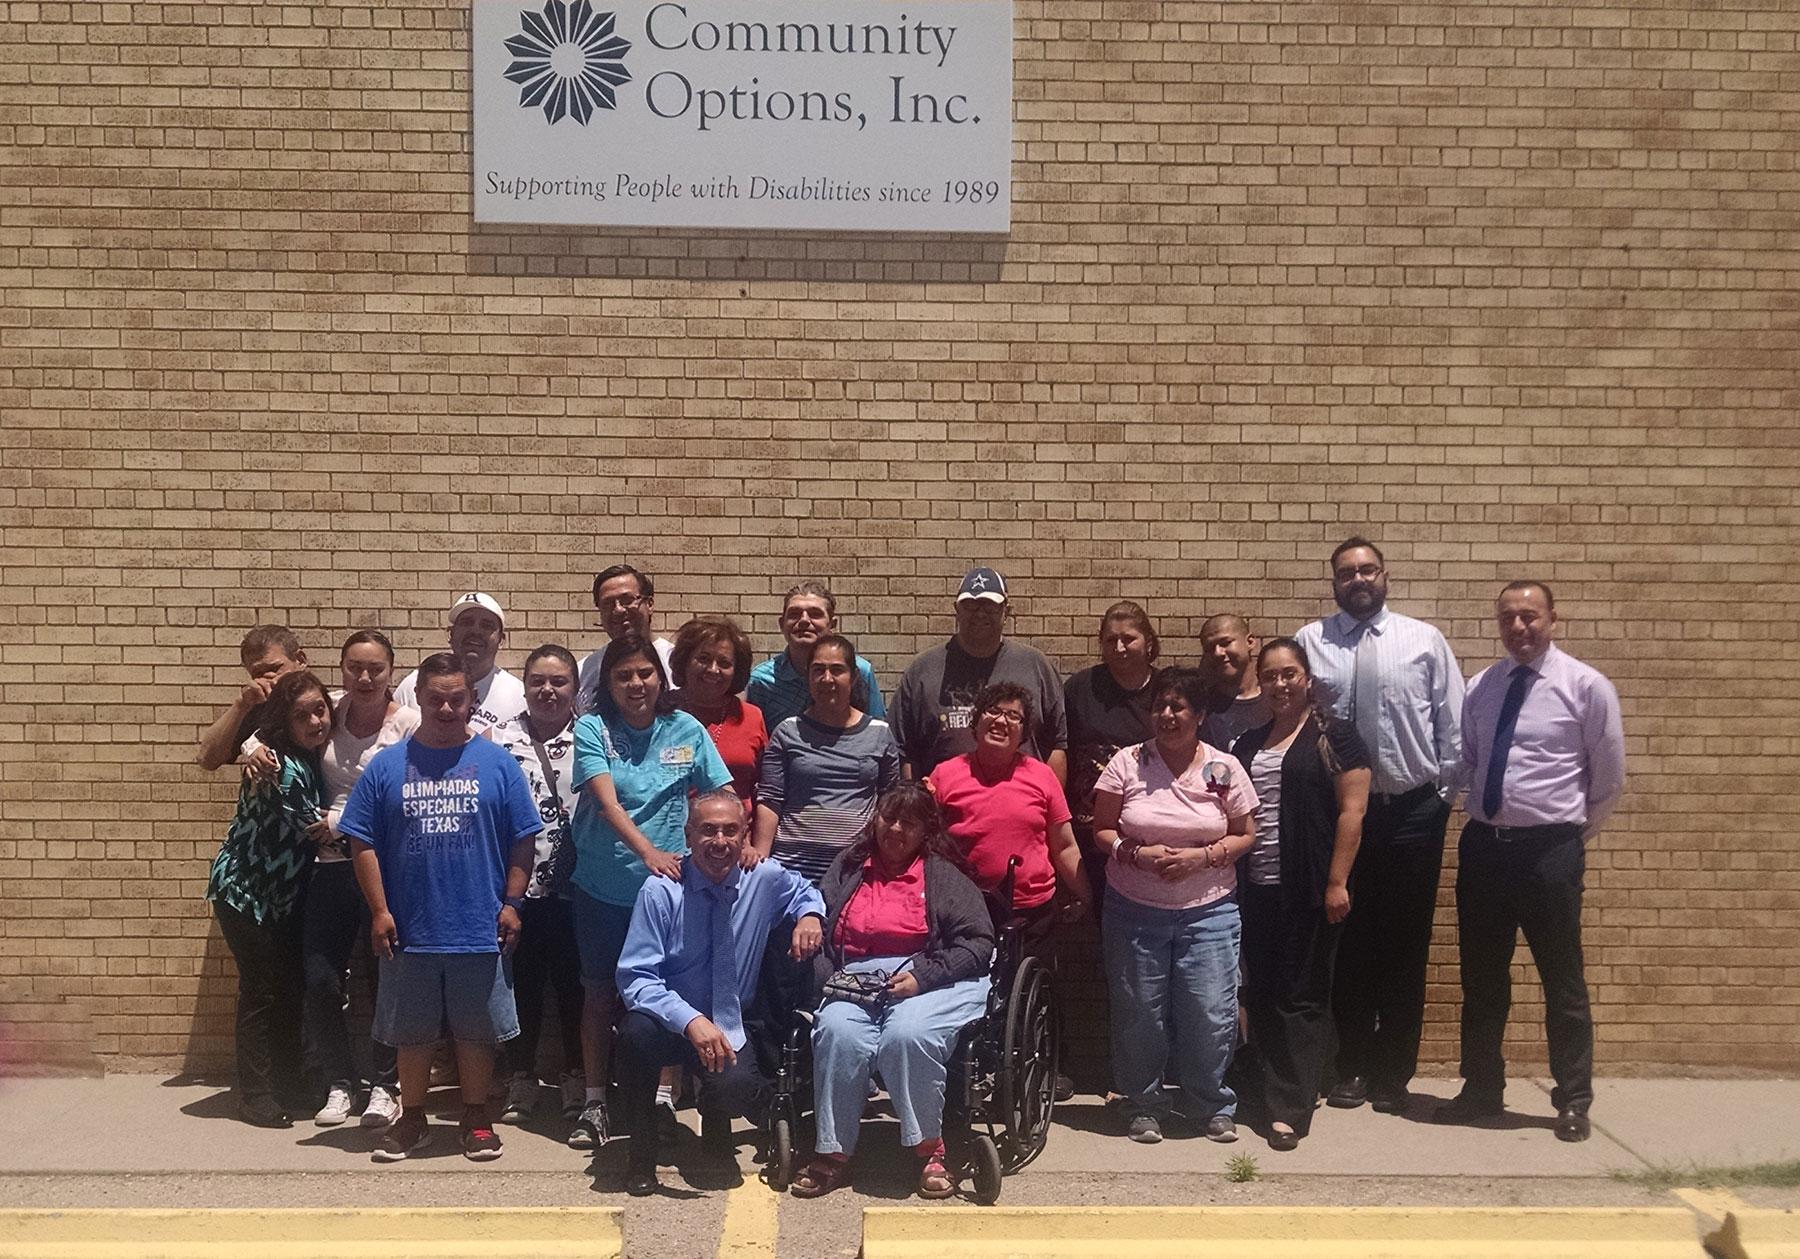 Community Options, Inc. of El Paso, TX.